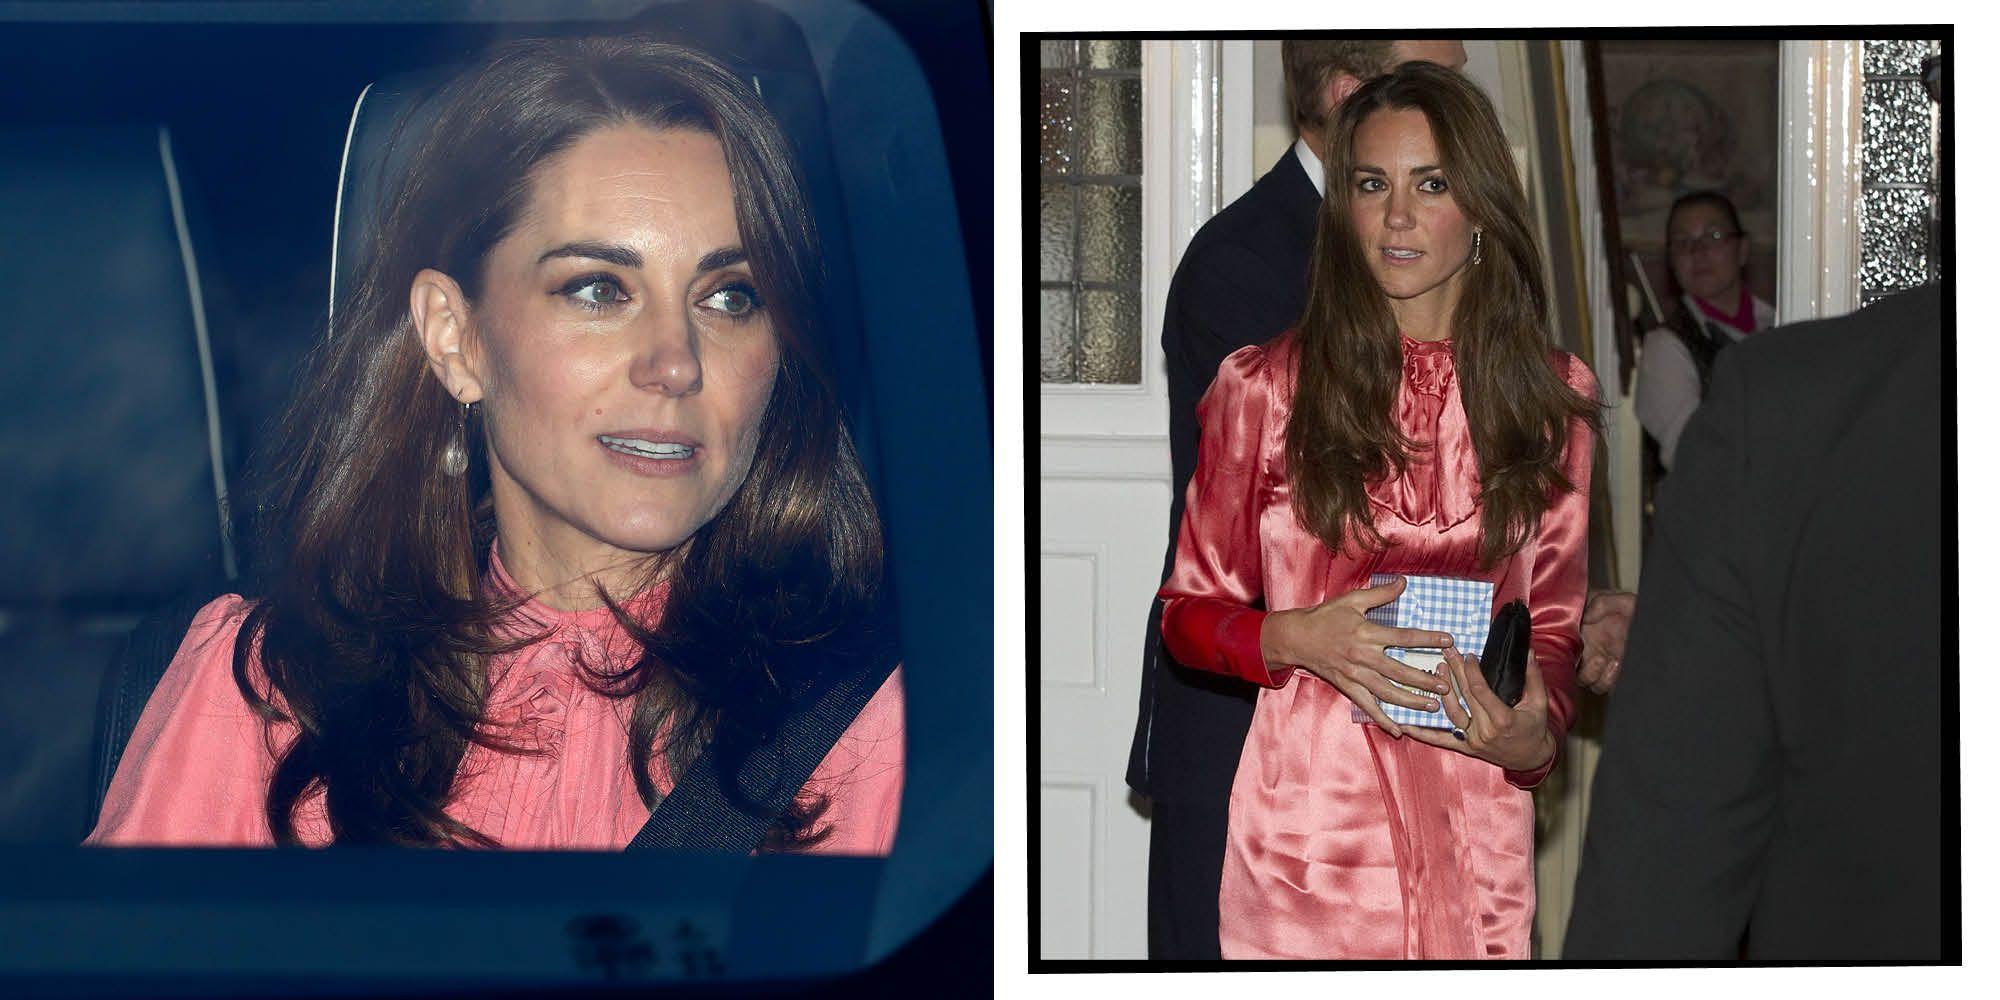 Kate Middleton rewears pink dress